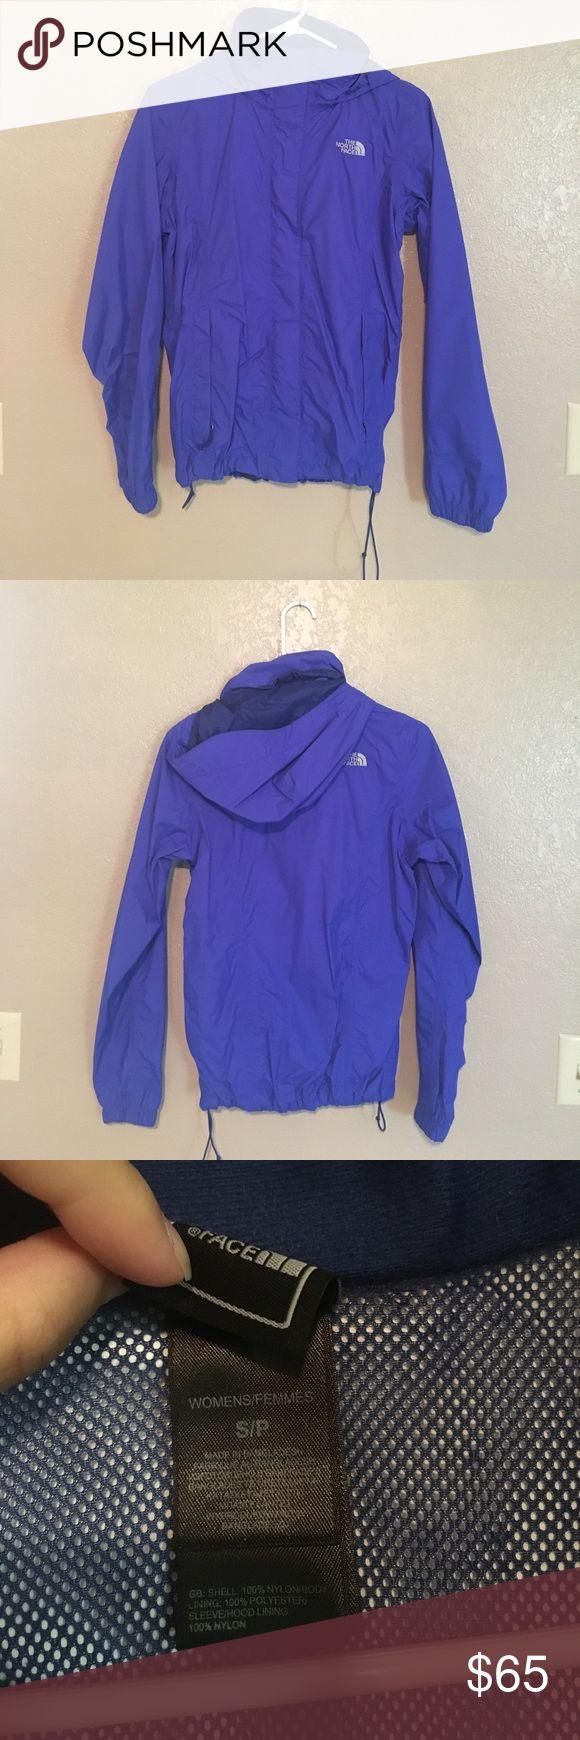 The North Face Hyvent windbreaker jacket Perfect condition. Windbreaker jacket. Size small. North Face Jackets & Coats